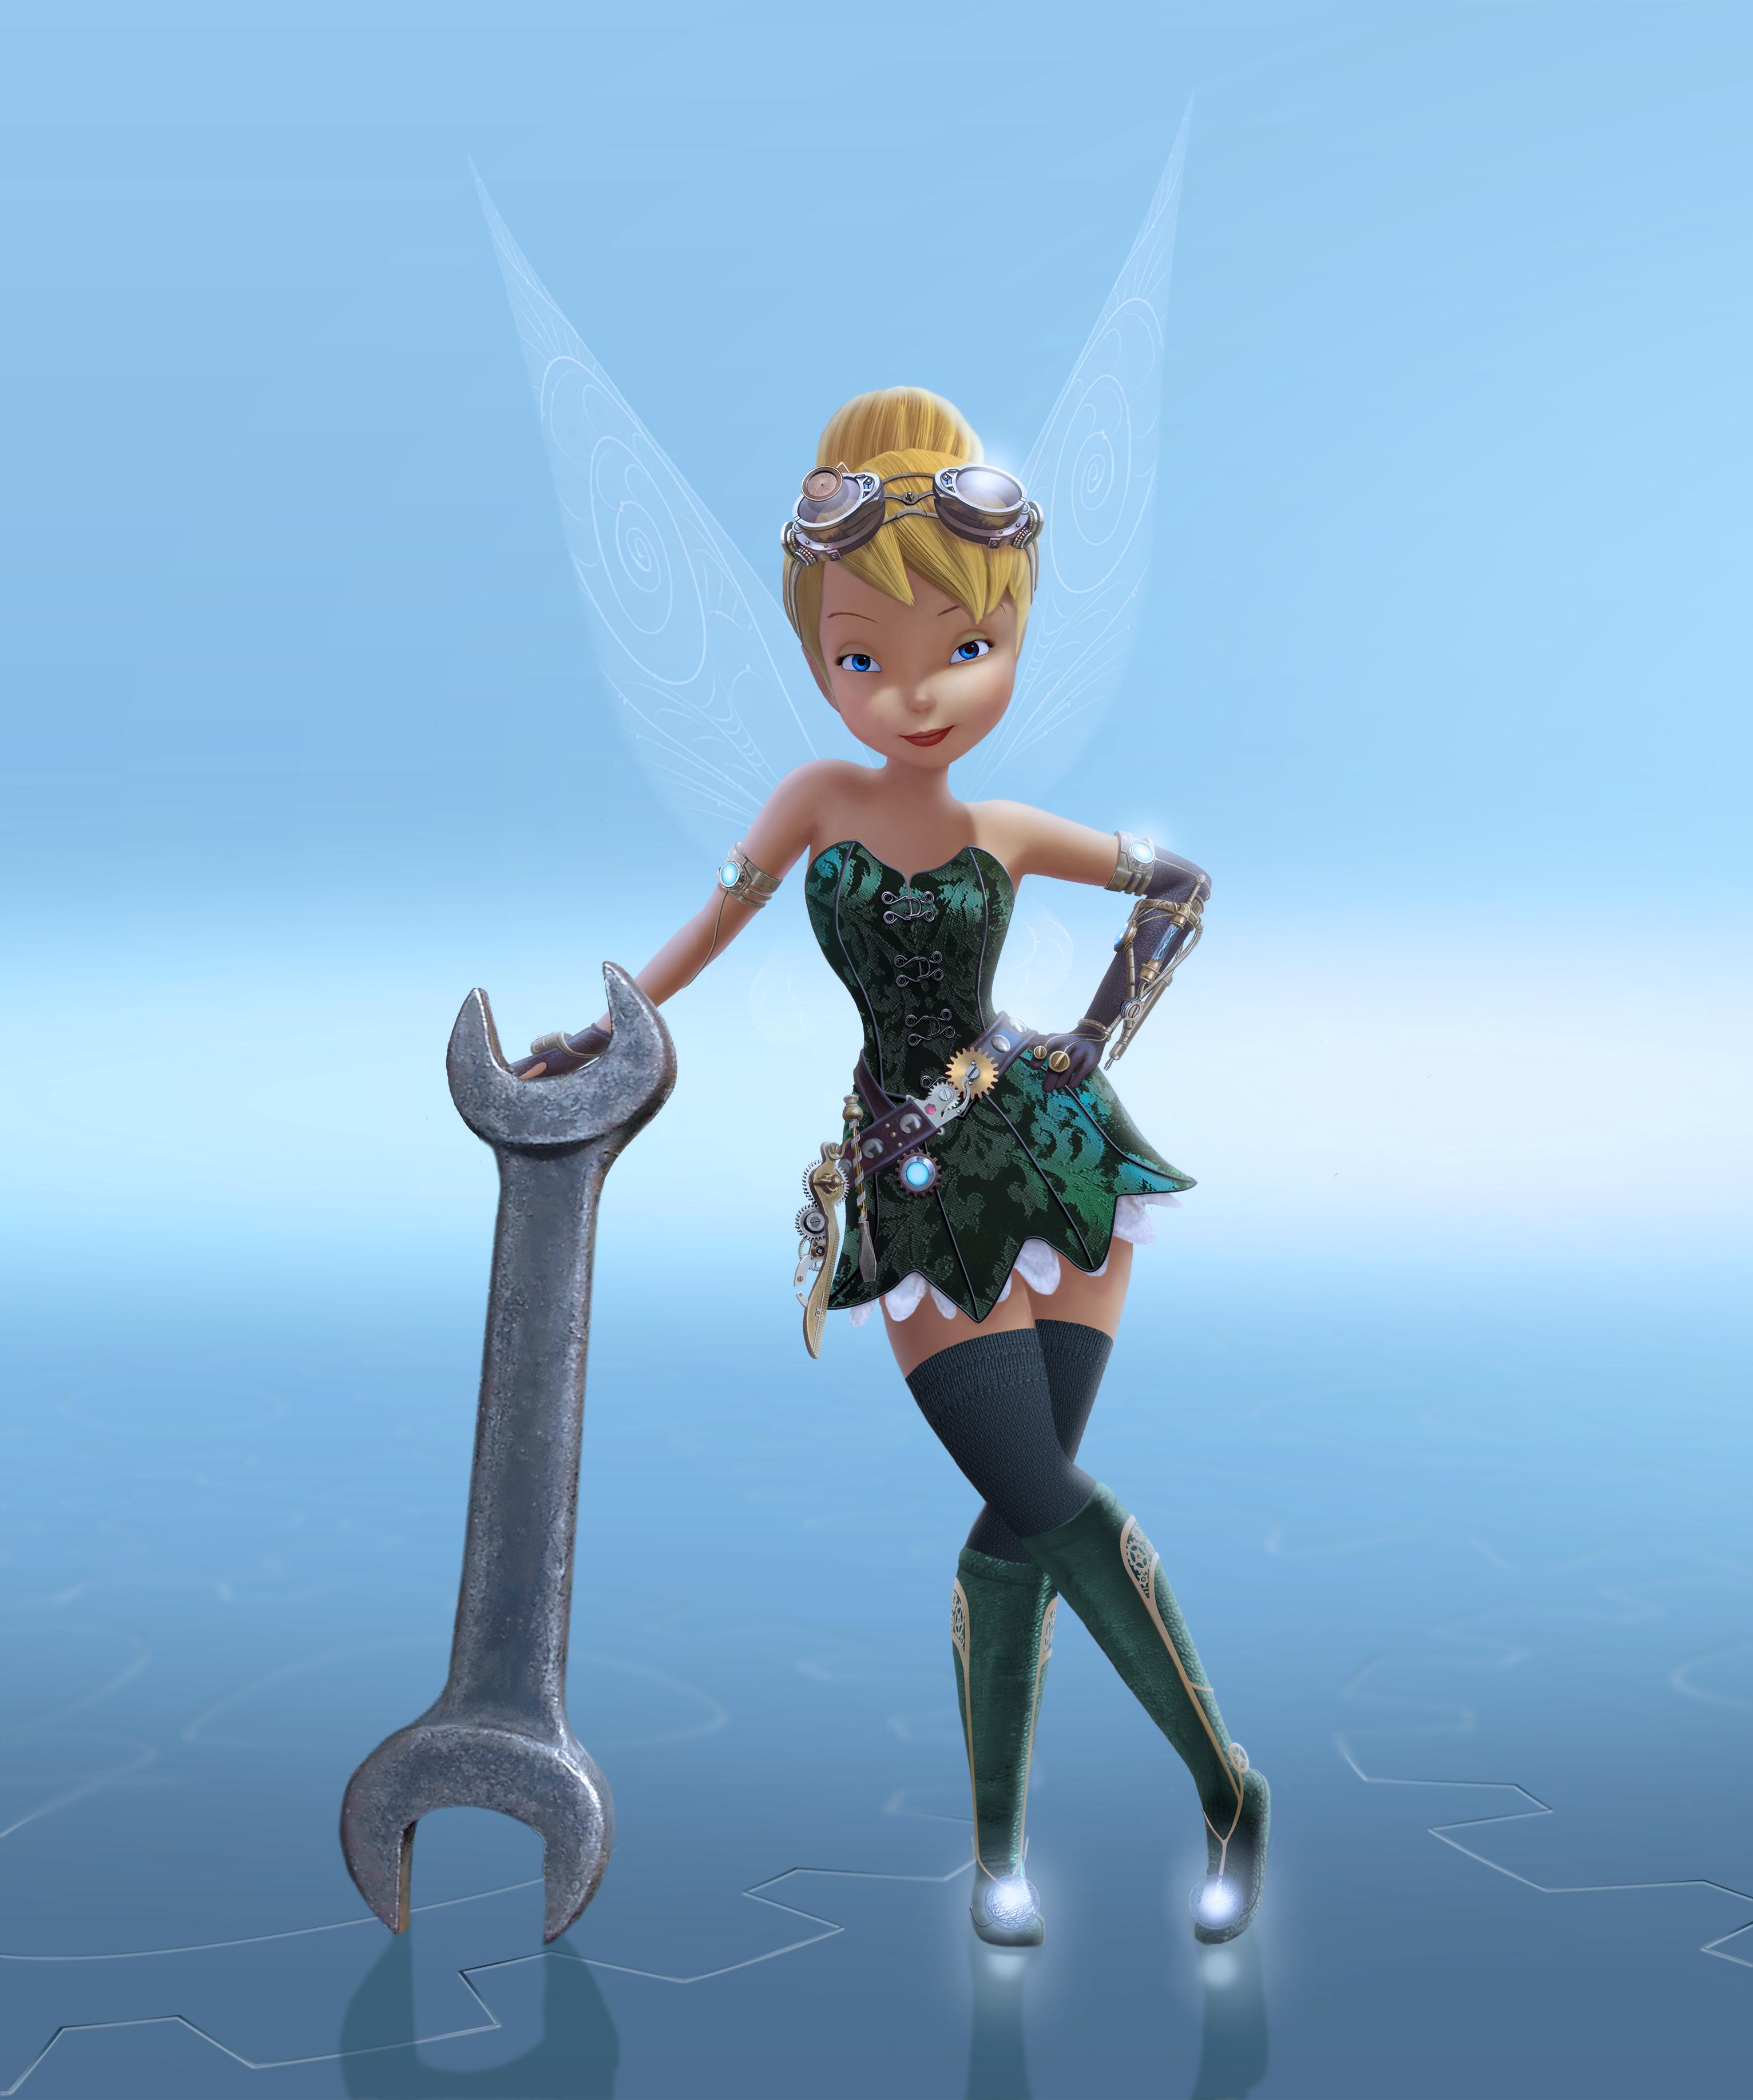 Steampunk Tinker Bell